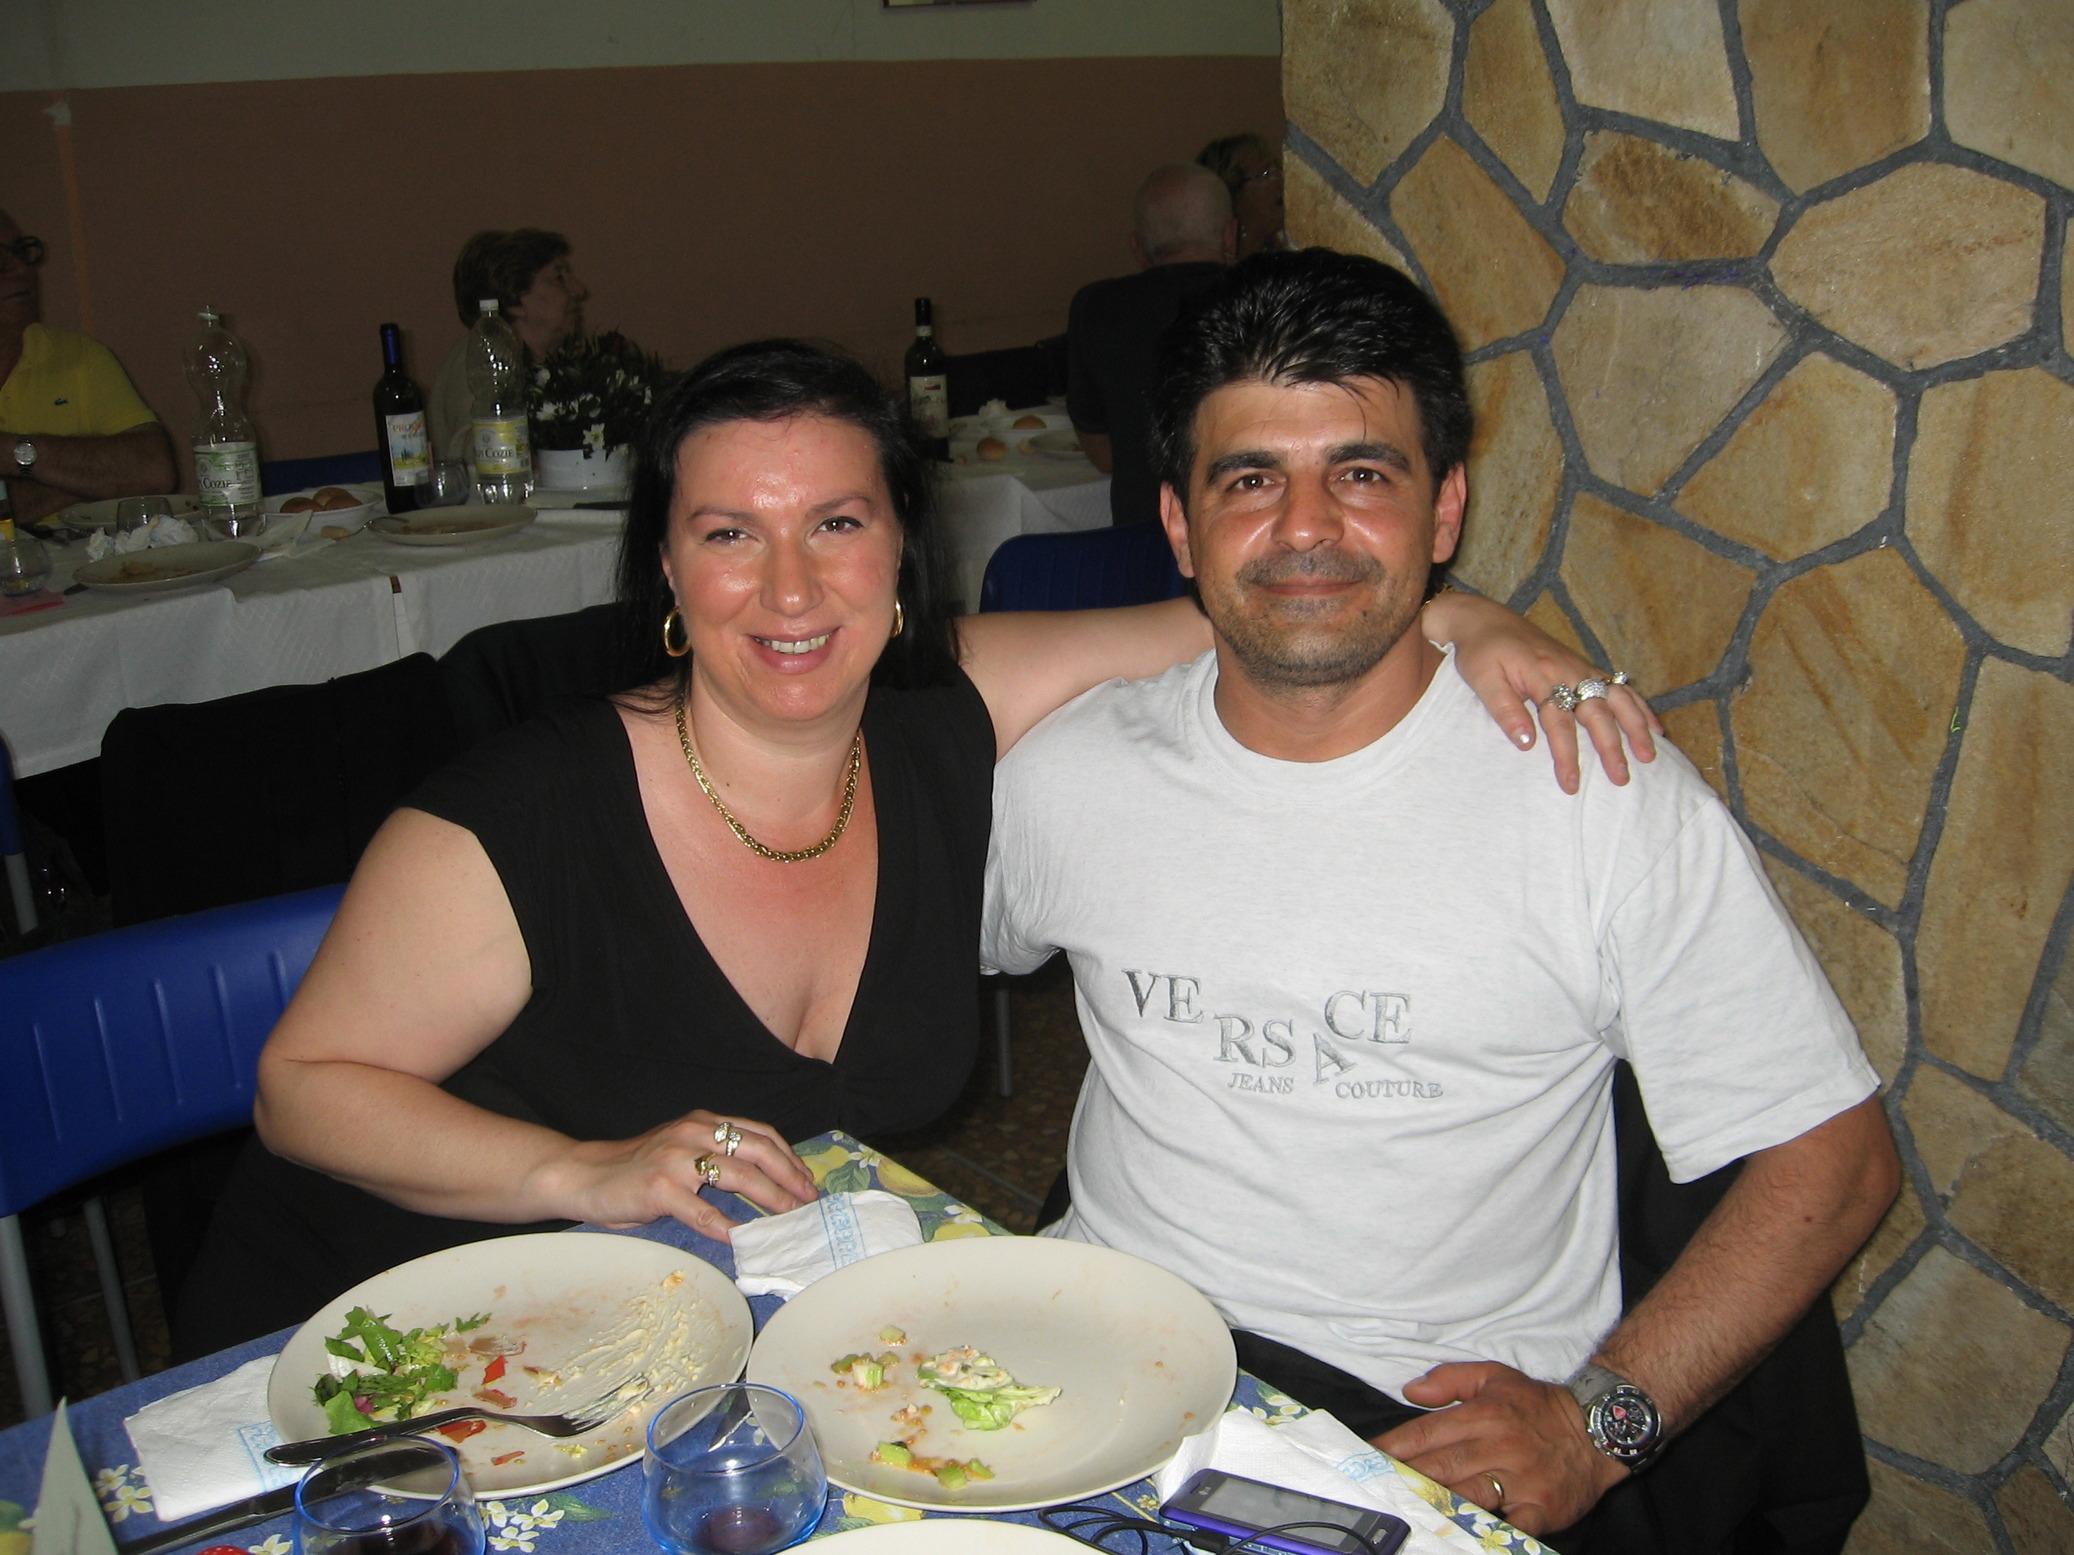 Anniversari_Matrimonio_2010-06-13--13.56.15